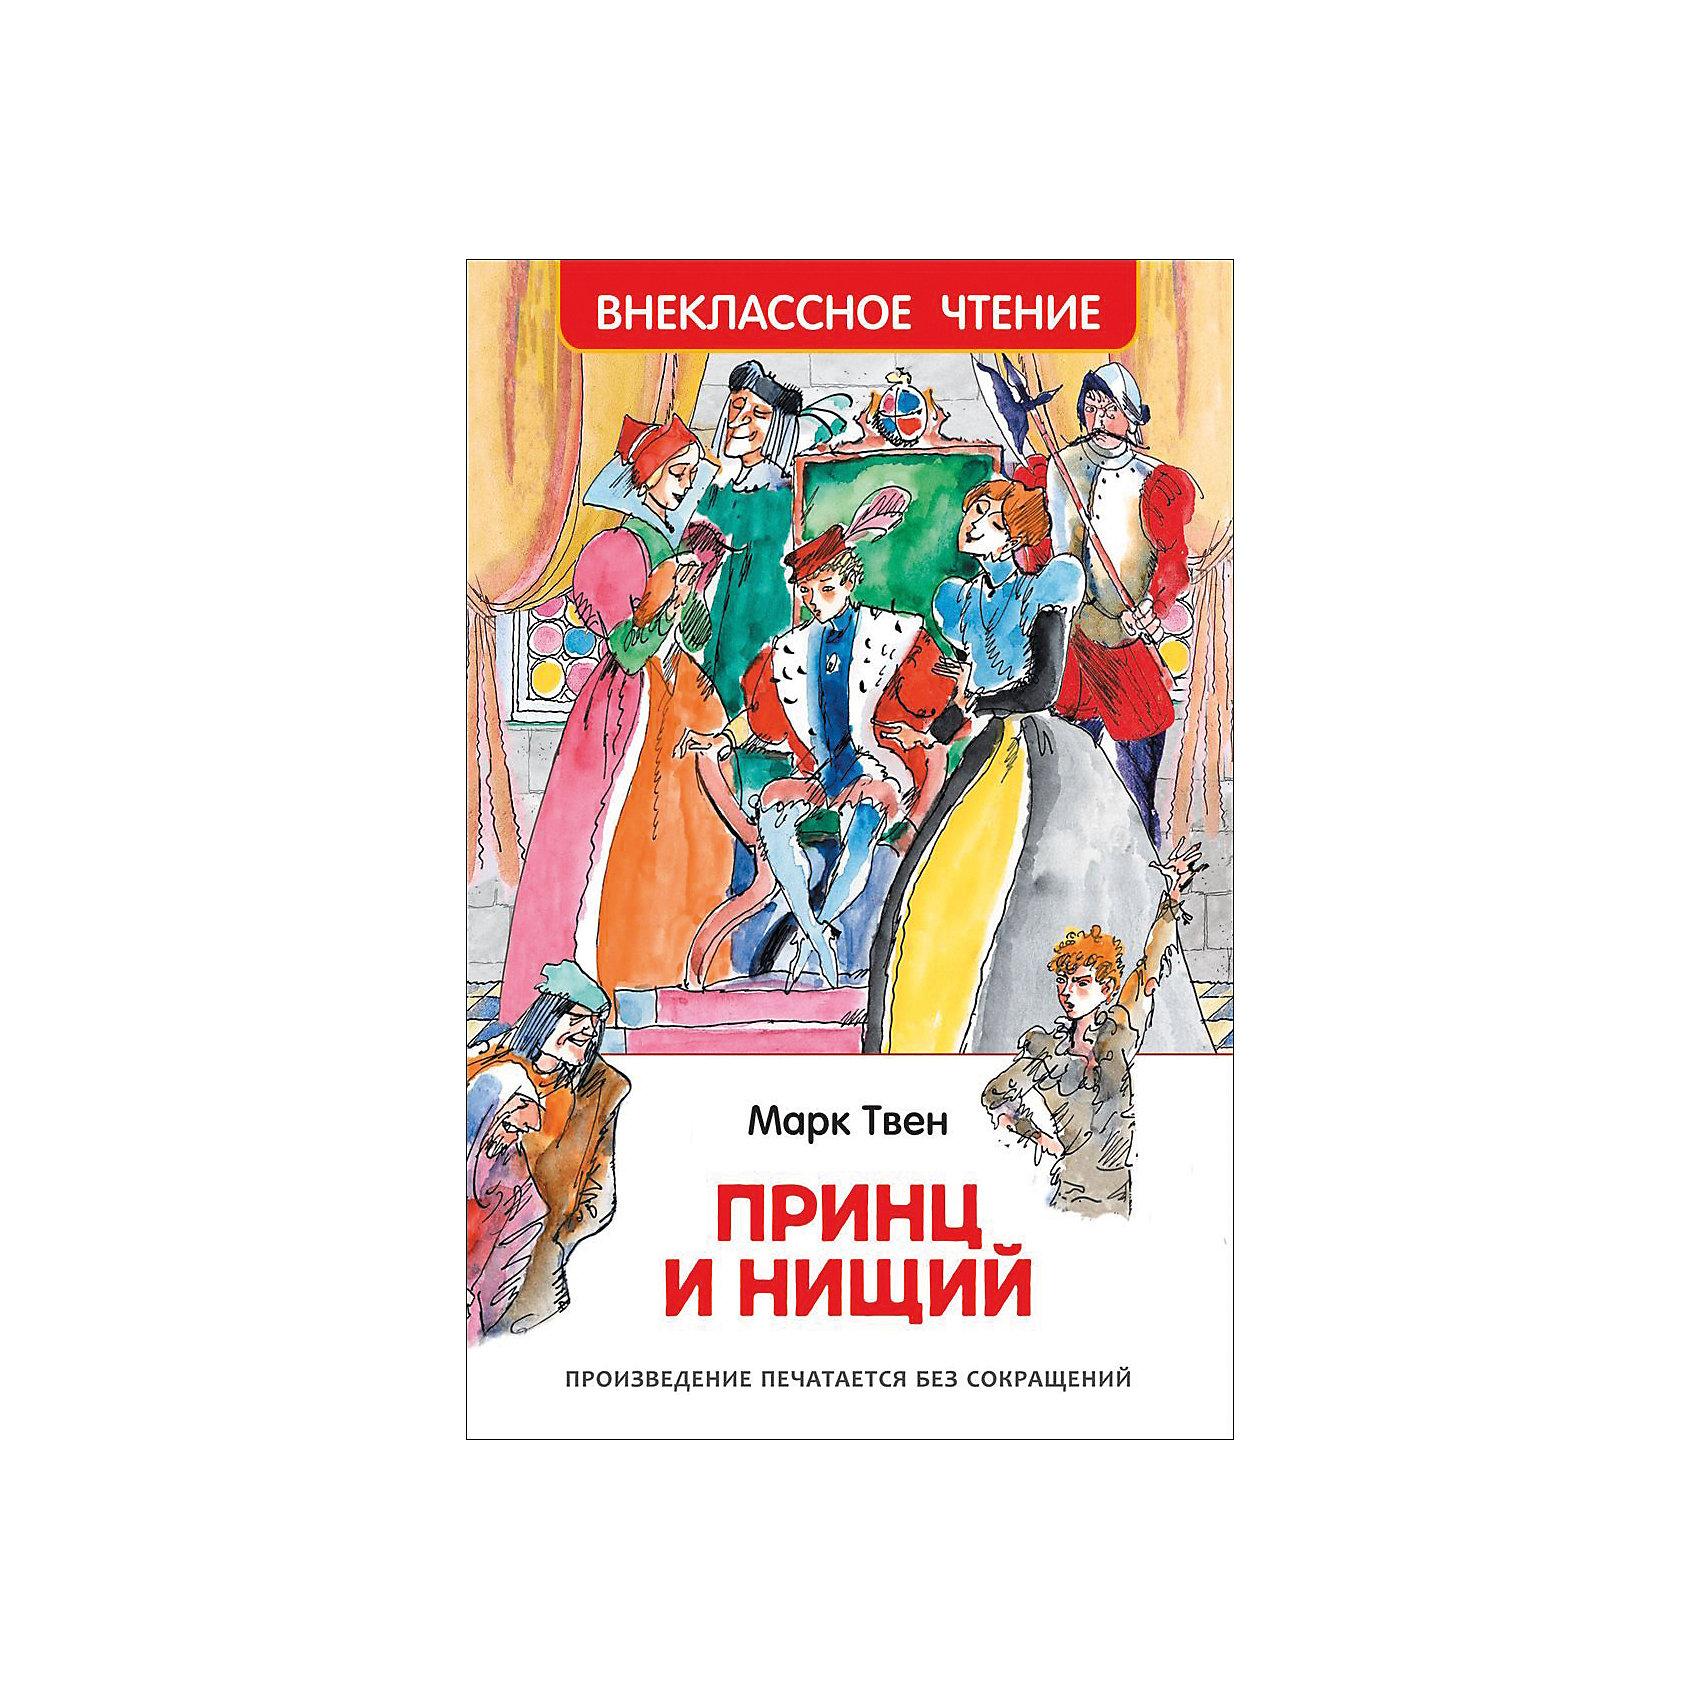 Принц и нищий, Марк ТвенТвен М.<br>Принц и нищий, Марк Твен<br><br>Характеристики:<br><br>• Иллюстрации: цветные<br>• Автор: Марк Твен<br>• Художник: В. Гальдяев<br>• Переплет: твердый <br>• Год: 2016 г. <br>• Объем: 288 стр. <br>• Издательство: Росмэн<br><br>Книга незаменимый друг человека. Благодаря рассказам ребенок сможет познать мир, не выходя из комнаты. Кроме этого правильно подобранные книги учат ребенка хорошим манерам, правилам поведения и многому другому. Книга погрузит ребенка в мир, где существуют два мальчика, как две капли воды друг на друга похожие. Один из них нищий паренек Том Кенти, а второй – английский принц Эдуард. Ребята задумали поменяться местами, и это повлекло за собой множество приключений. Яркие красочные иллюстрации смогут завлечь ребенка и дополнить истории. <br><br>Принц и нищий, Марк Твен можно купить в нашем интернет-магазине.<br><br>Ширина мм: 202<br>Глубина мм: 132<br>Высота мм: 15<br>Вес г: 276<br>Возраст от месяцев: 84<br>Возраст до месяцев: 108<br>Пол: Унисекс<br>Возраст: Детский<br>SKU: 5109632